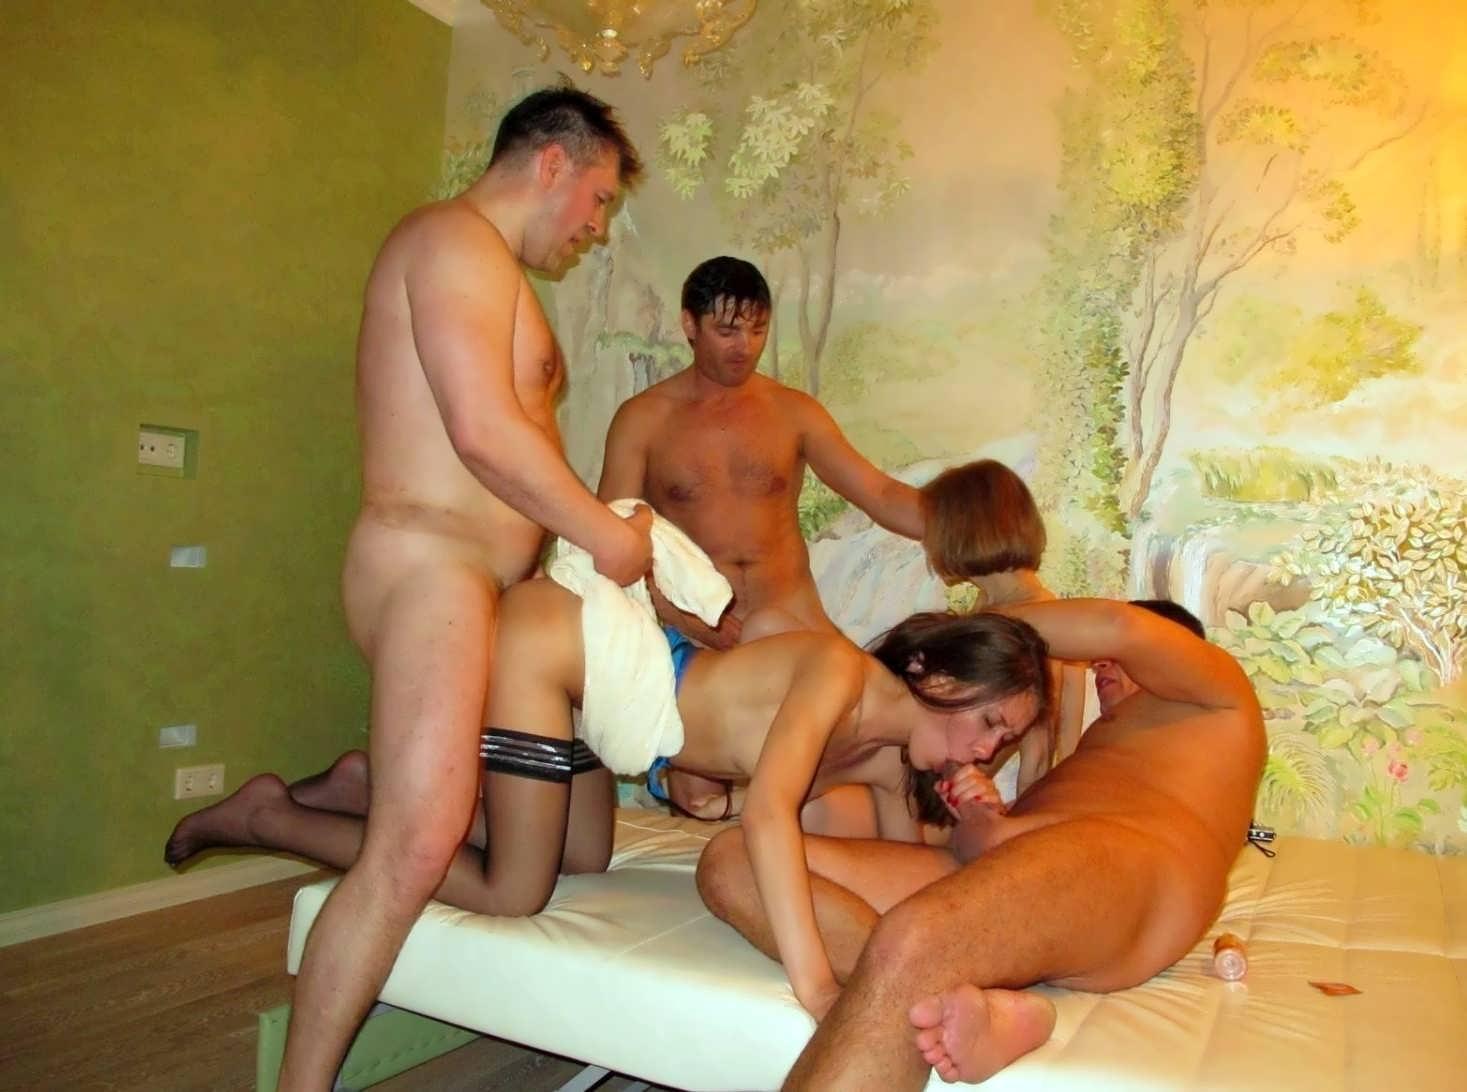 Русские порно рассказы друзья, Друг » Порно рассказы и истории :: 4 фотография